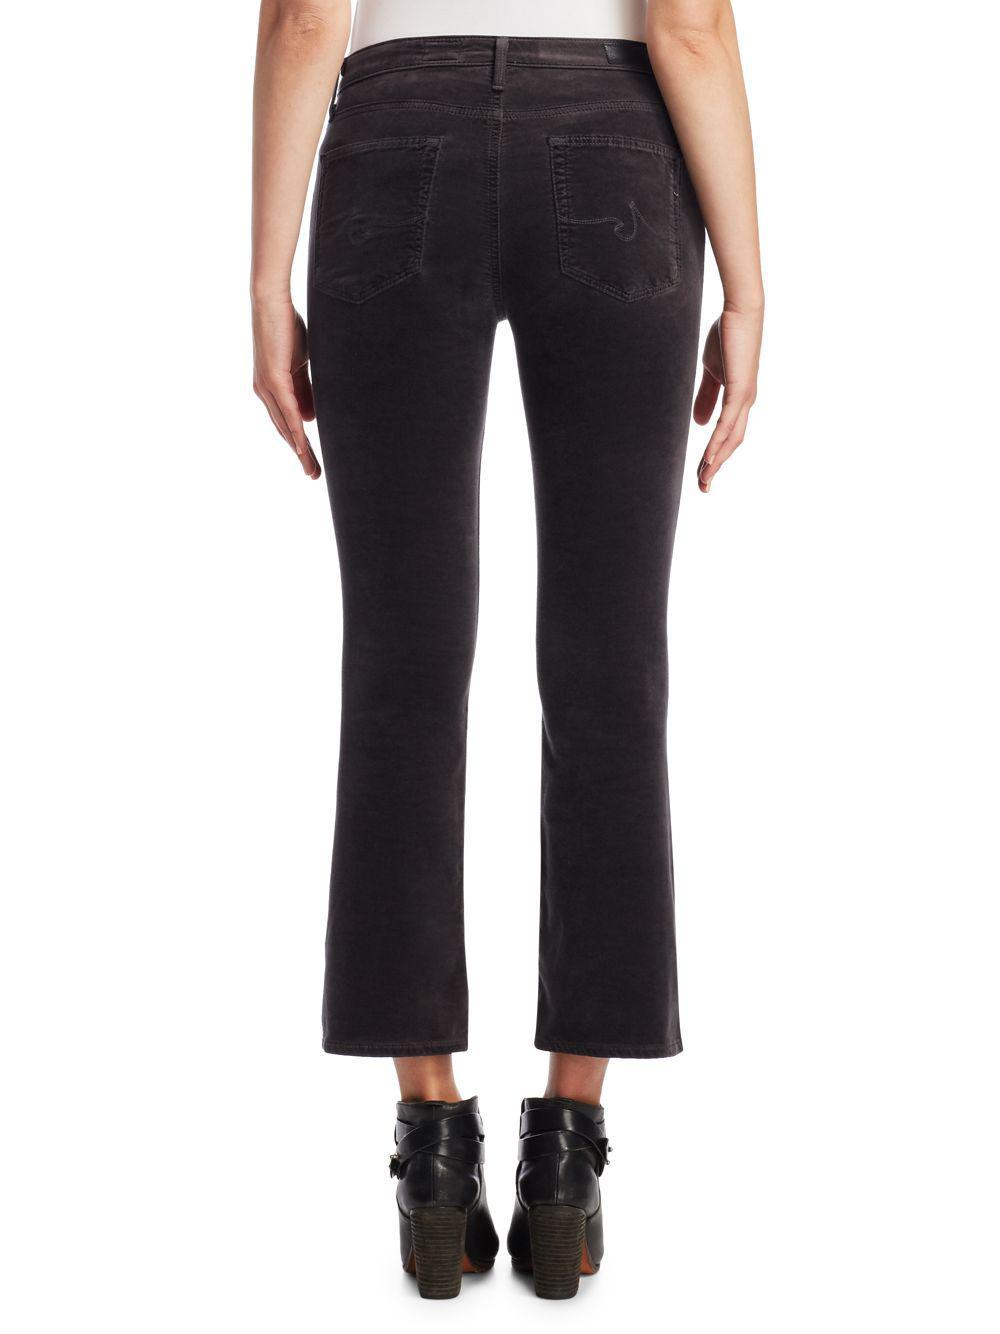 AG Jeans Denim Jodi Flared Cropped Jeans in Black